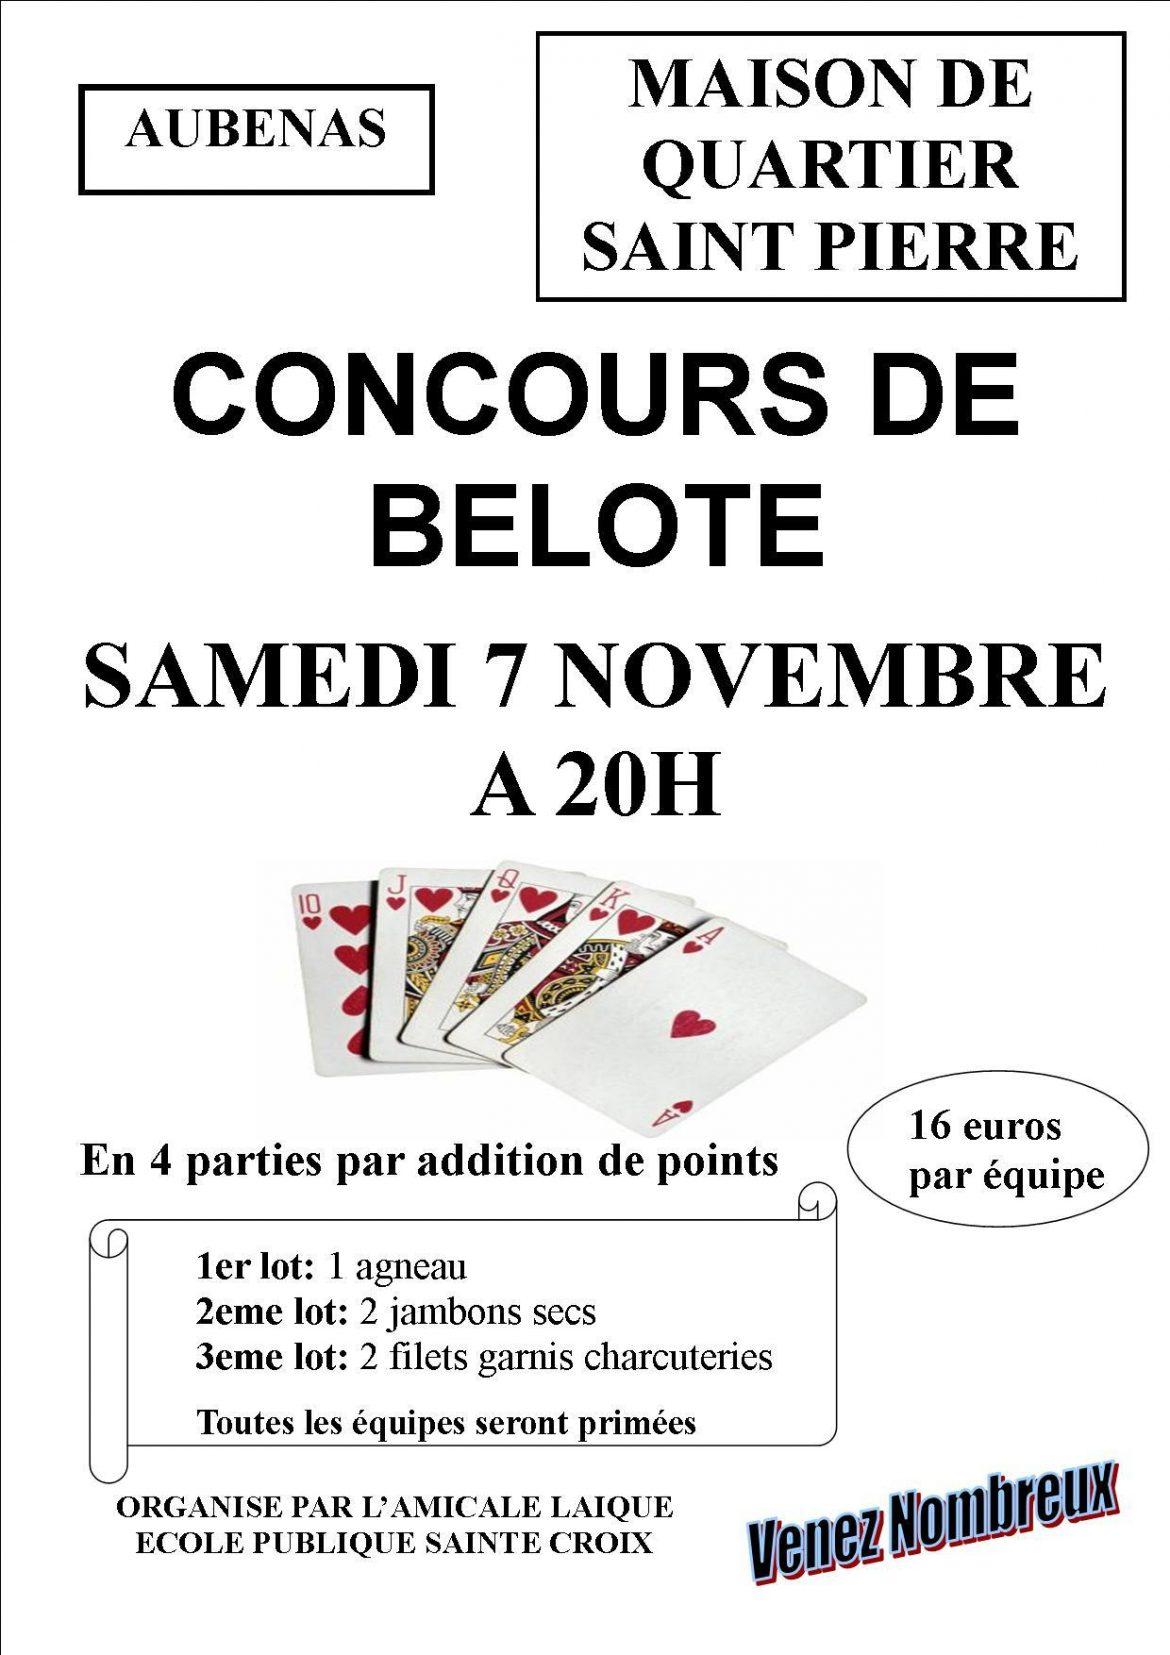 Concours de belote le 07/11/15 à Aubenas – Ardèche